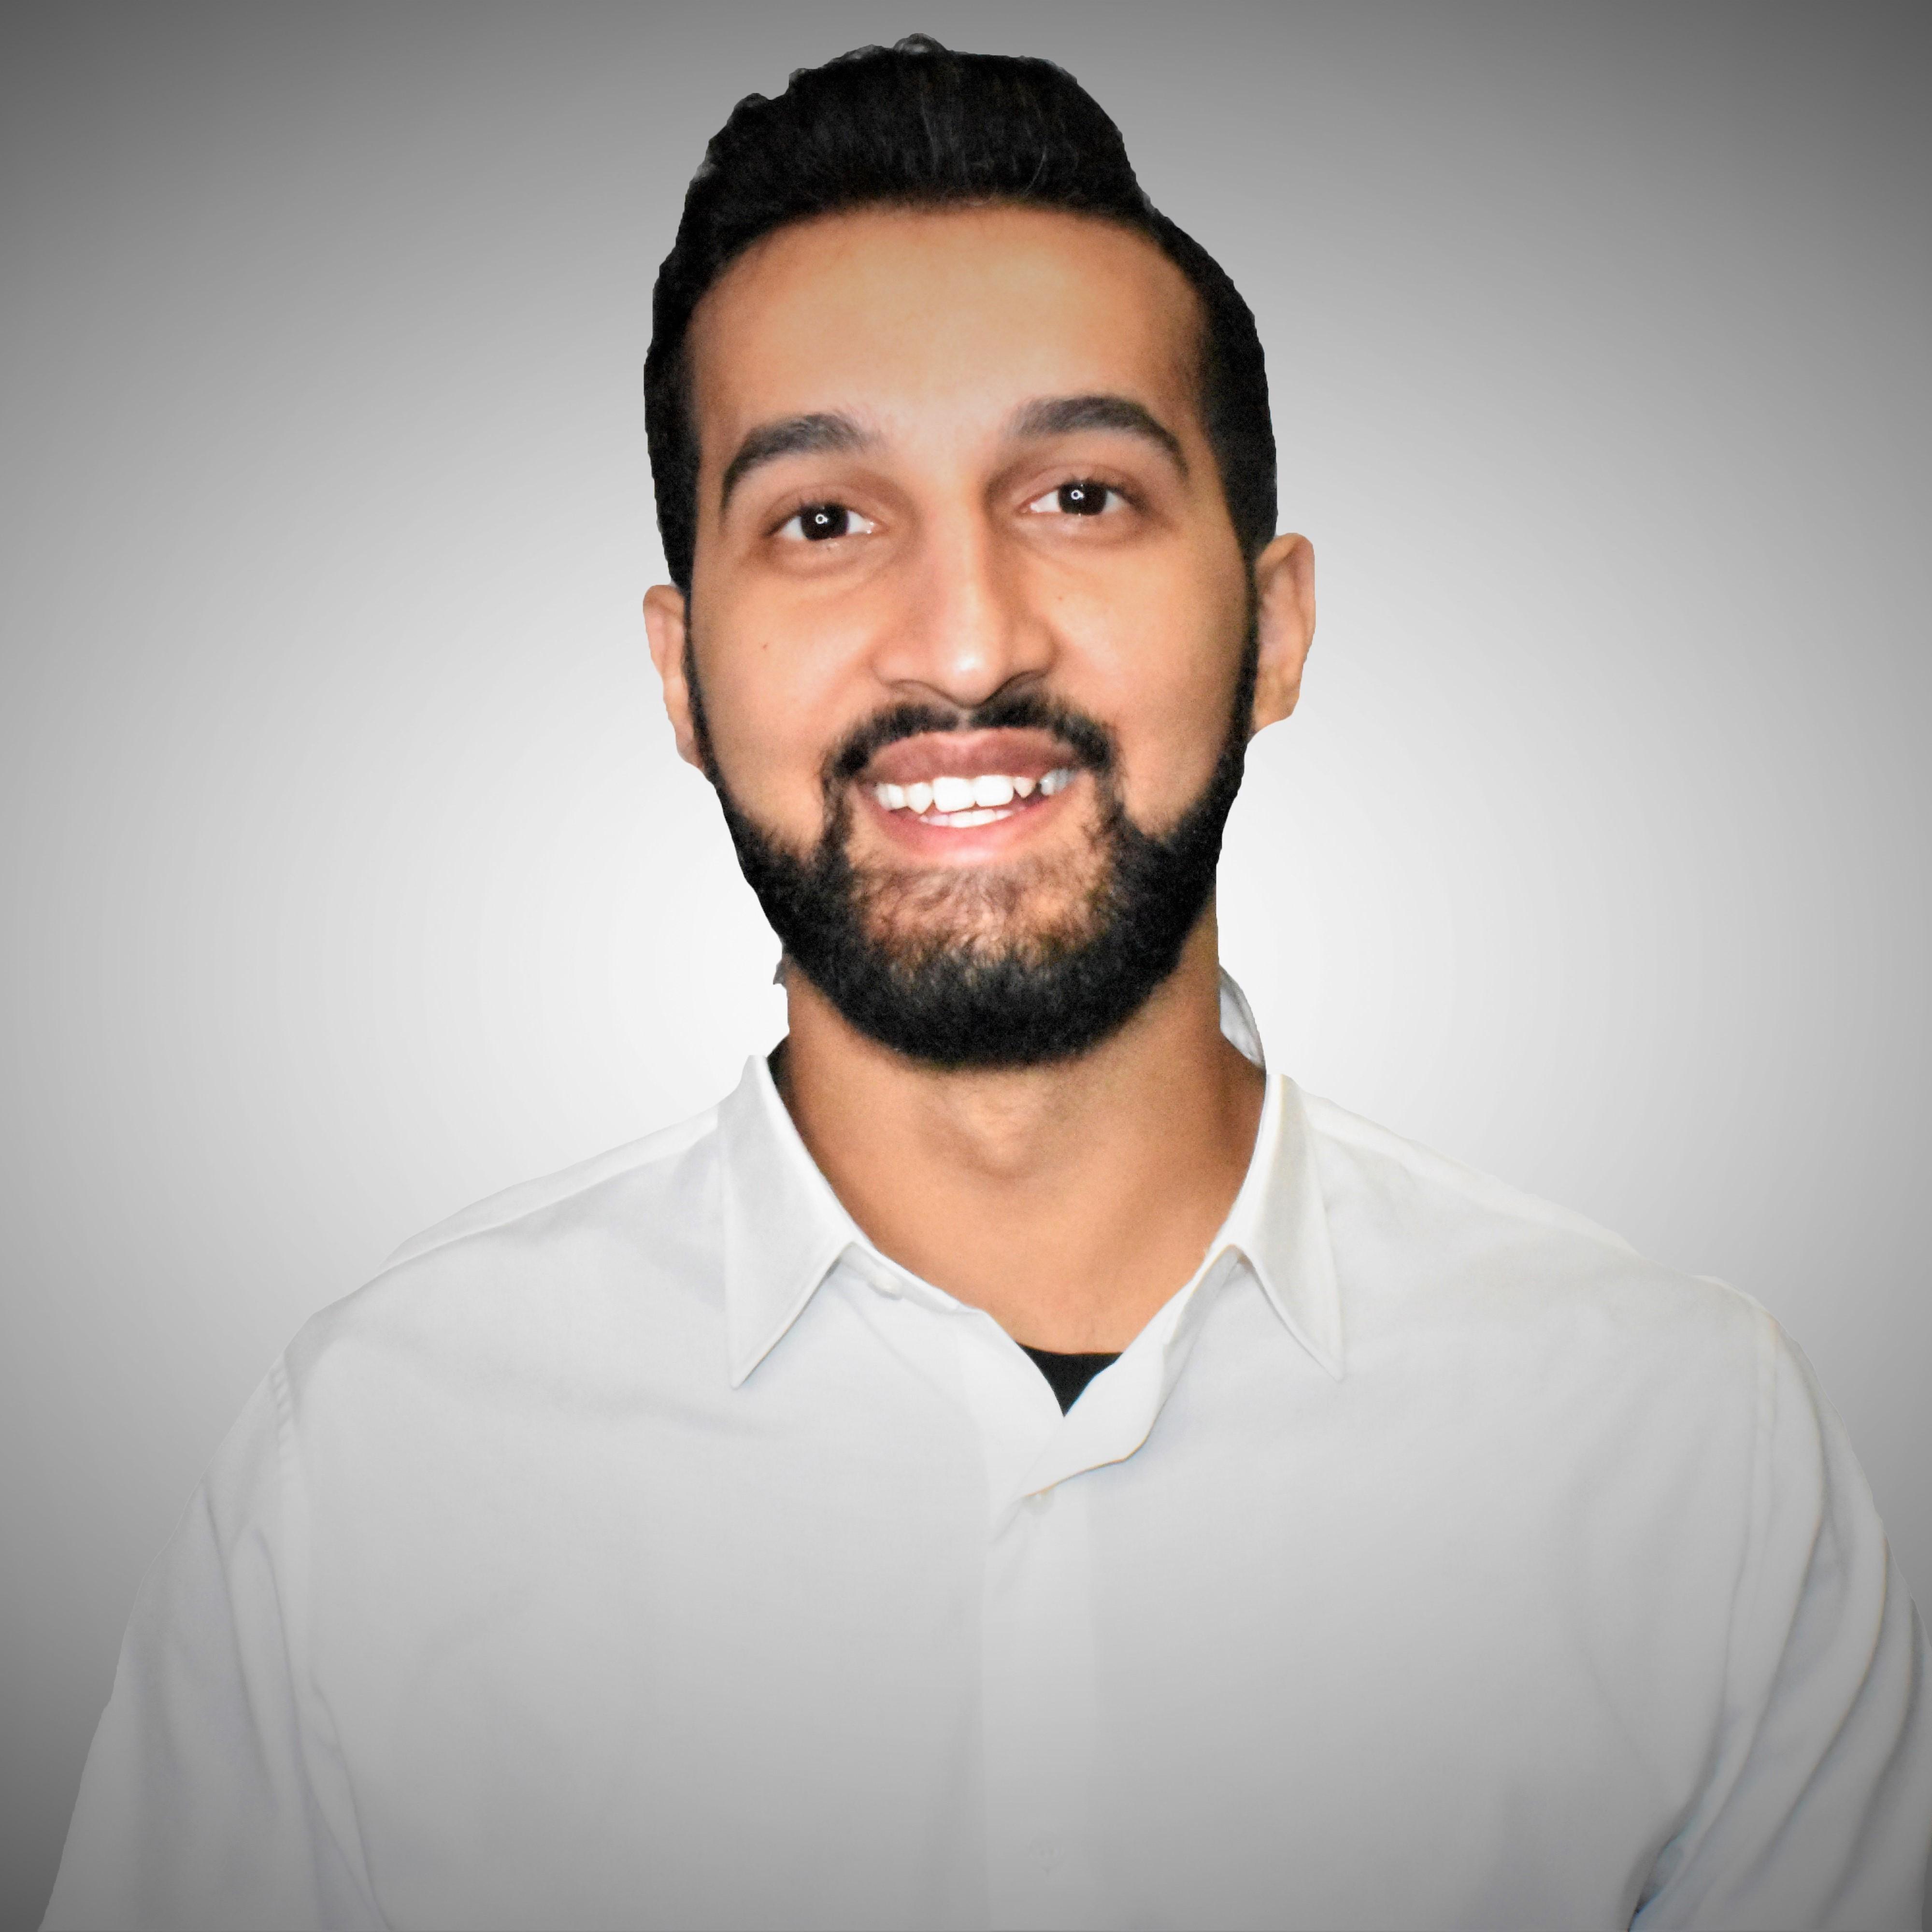 Abdul Hashimi